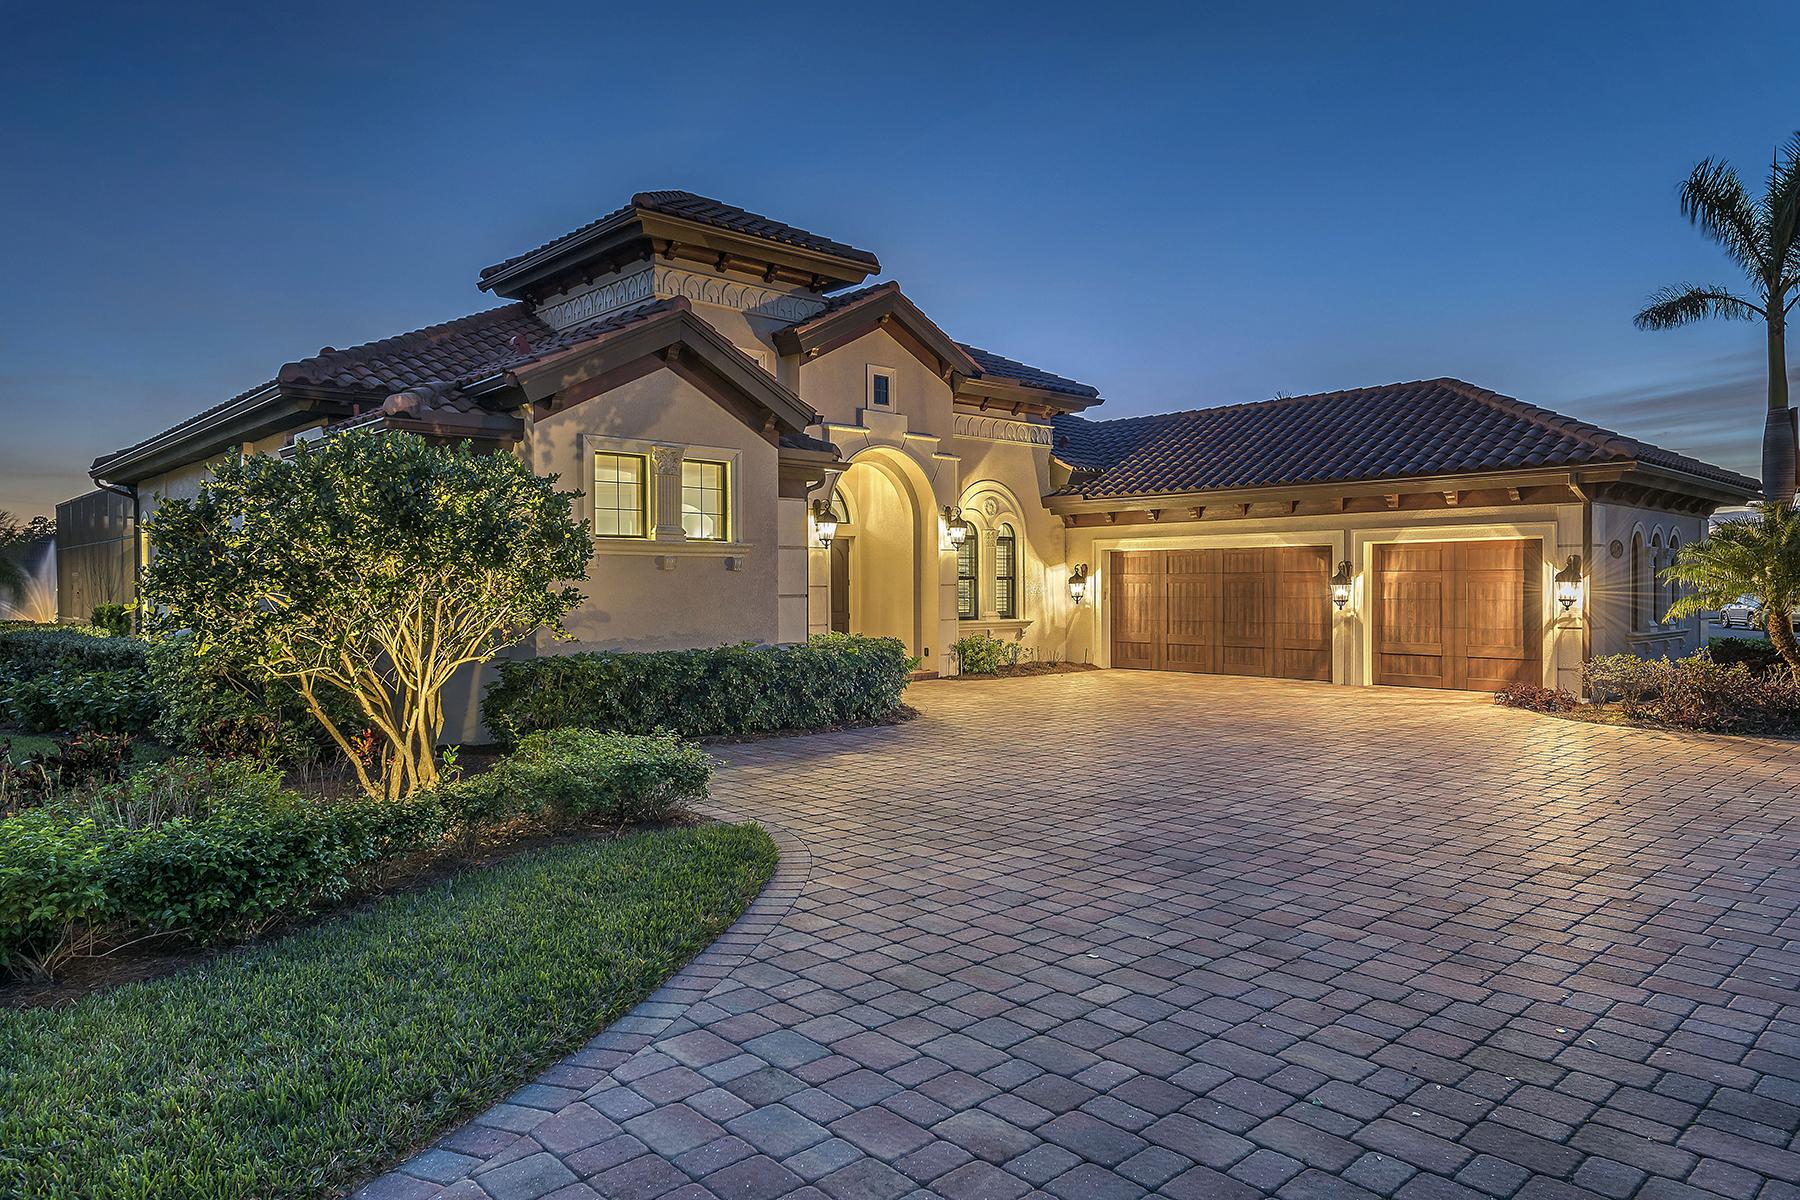 Частный односемейный дом для того Продажа на LELY RESORT 6474 Emilia Ct, Naples, Флорида, 34113 Соединенные Штаты